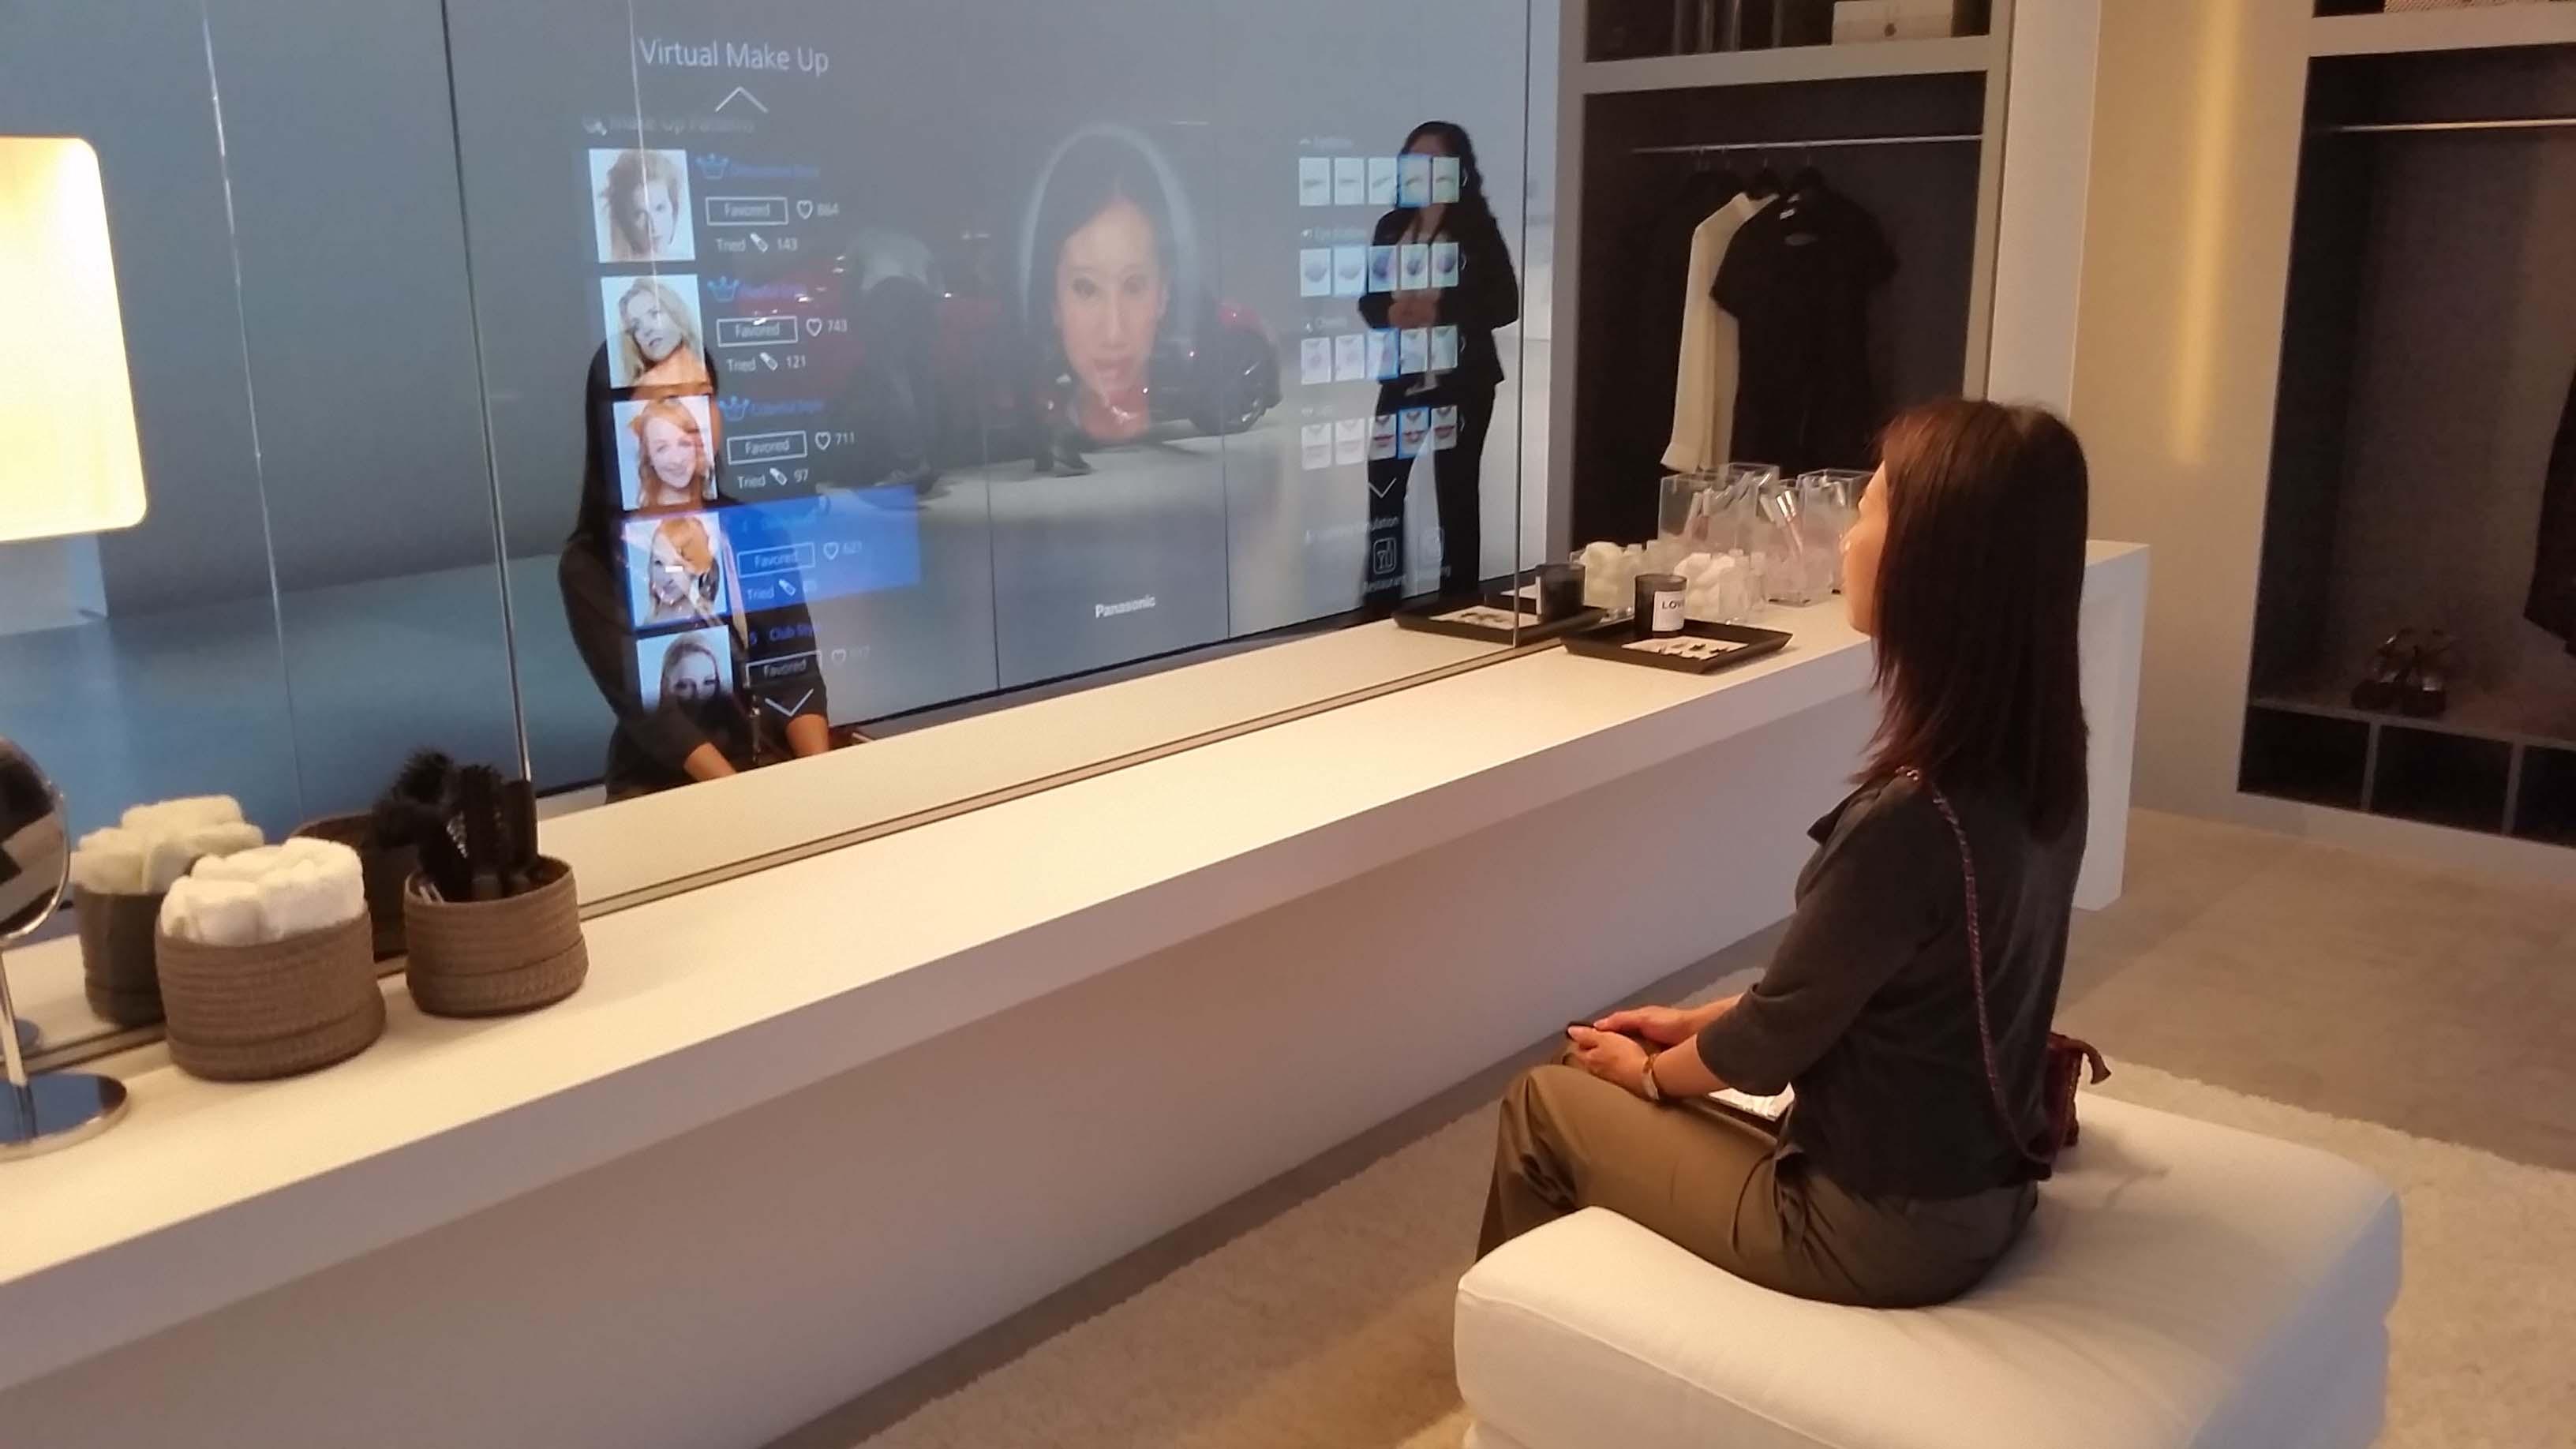 Ifa 2014 la r alit virtuelle dans votre chambre coucher - Miroir dans chambre a coucher ...